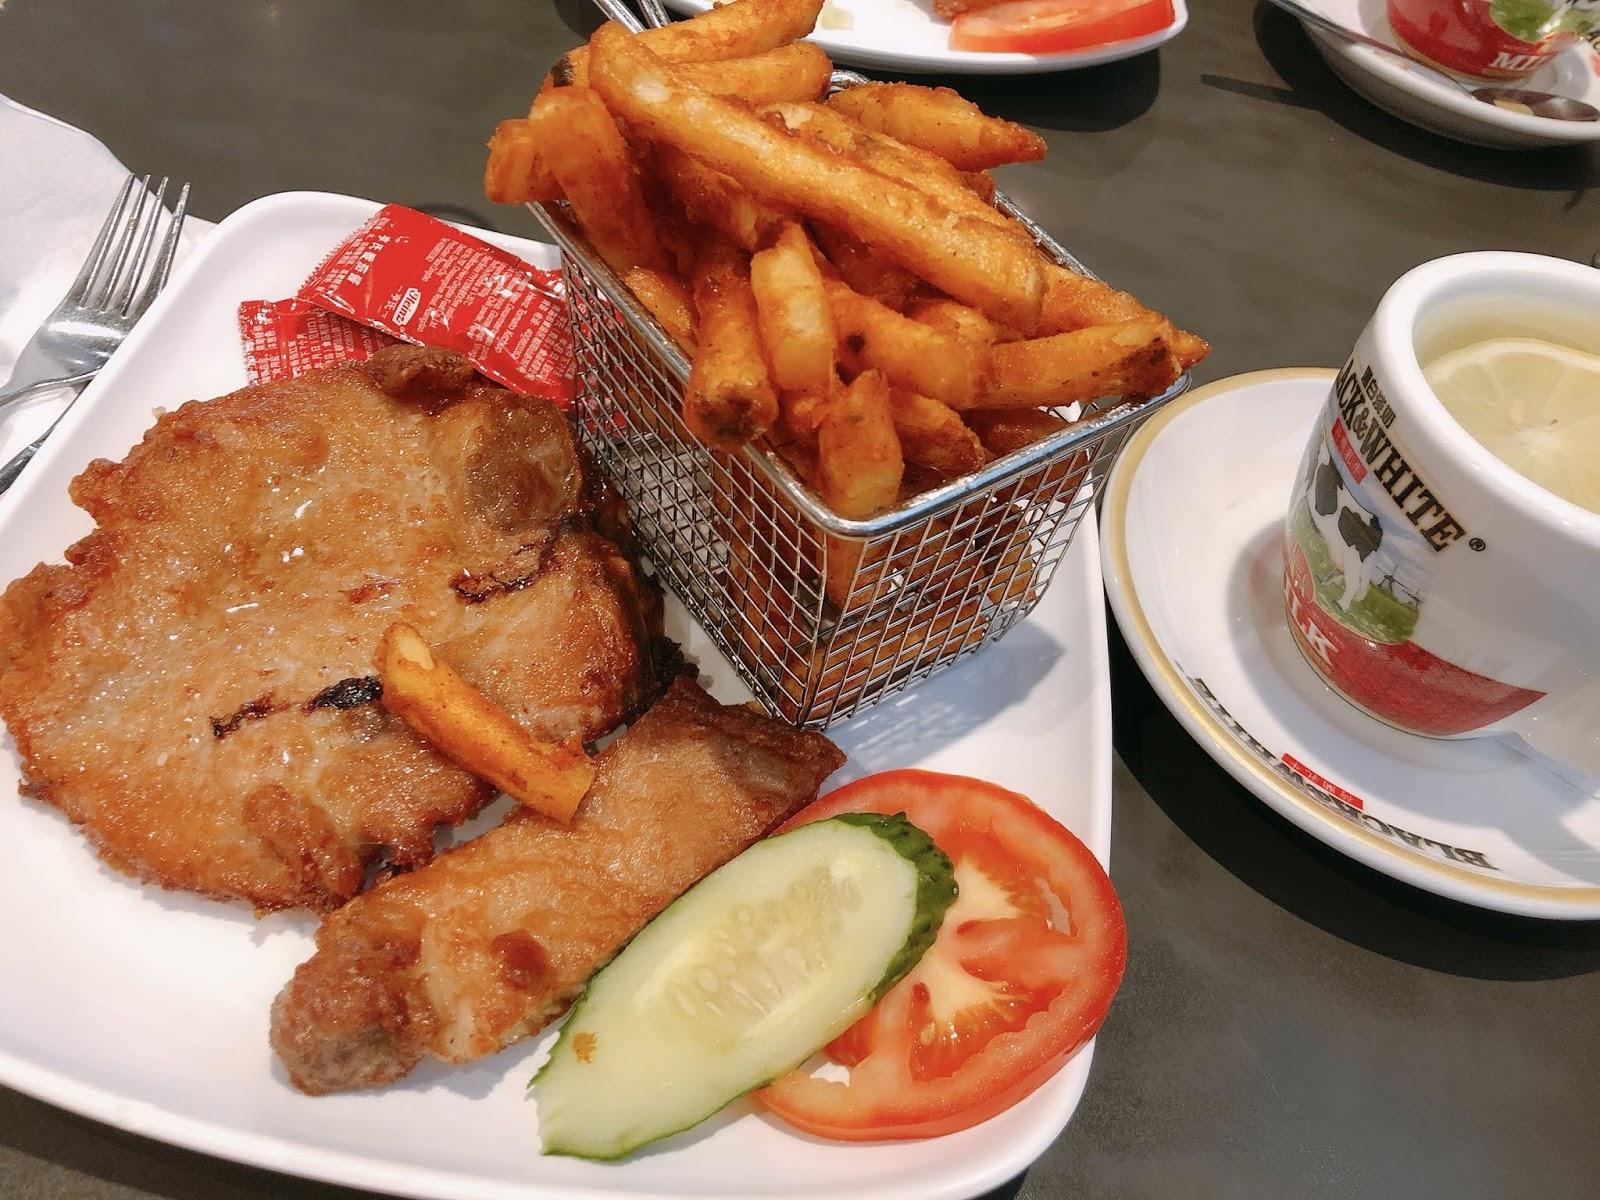 Helen's Kitchen: 豬扒午餐@元朗冰室